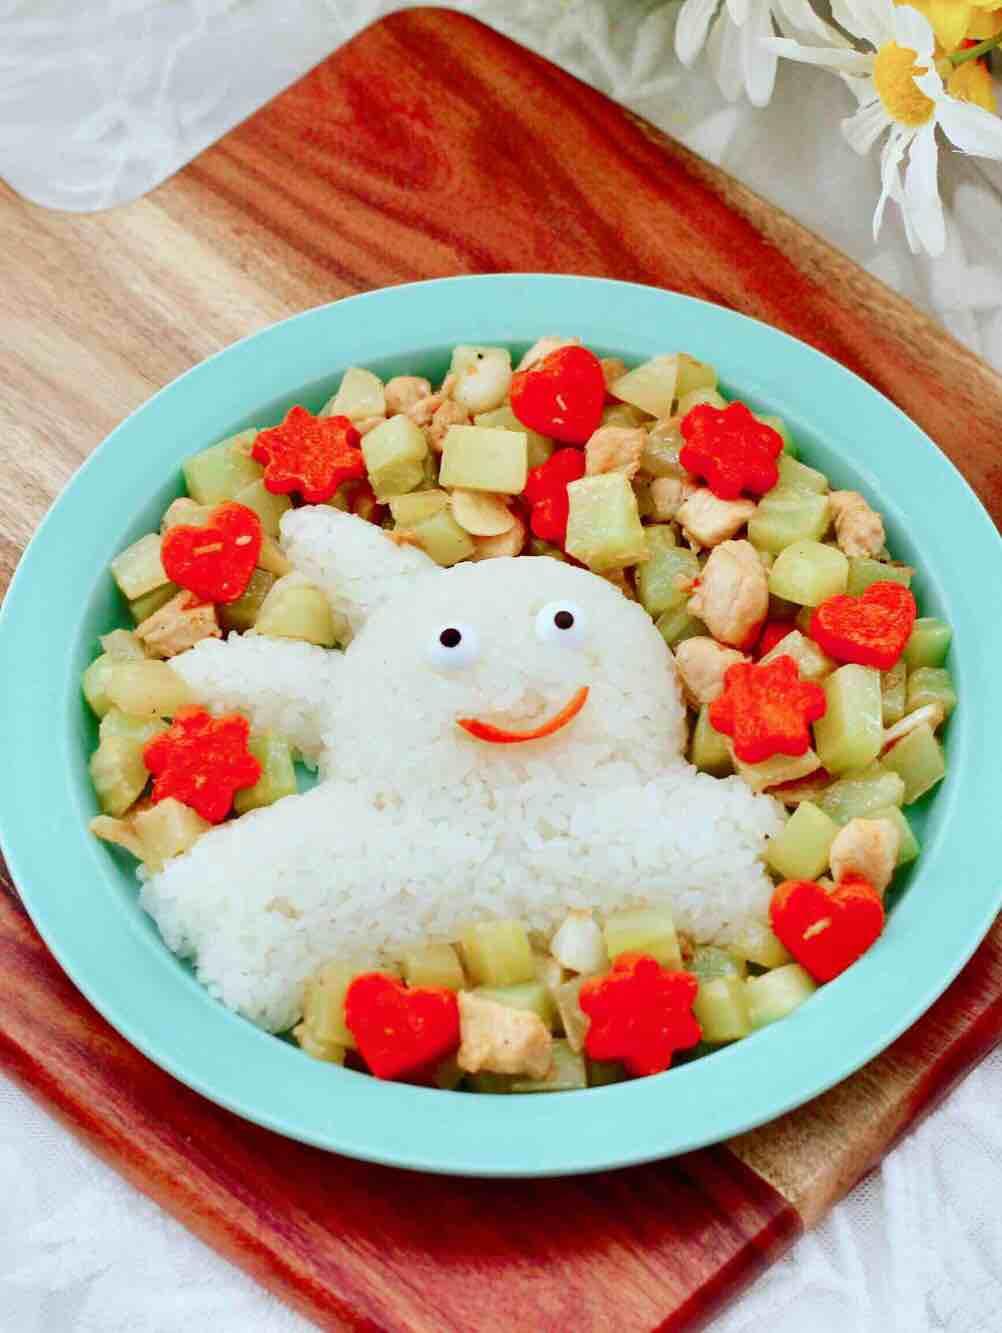 鸡丁莴苣盖浇饭